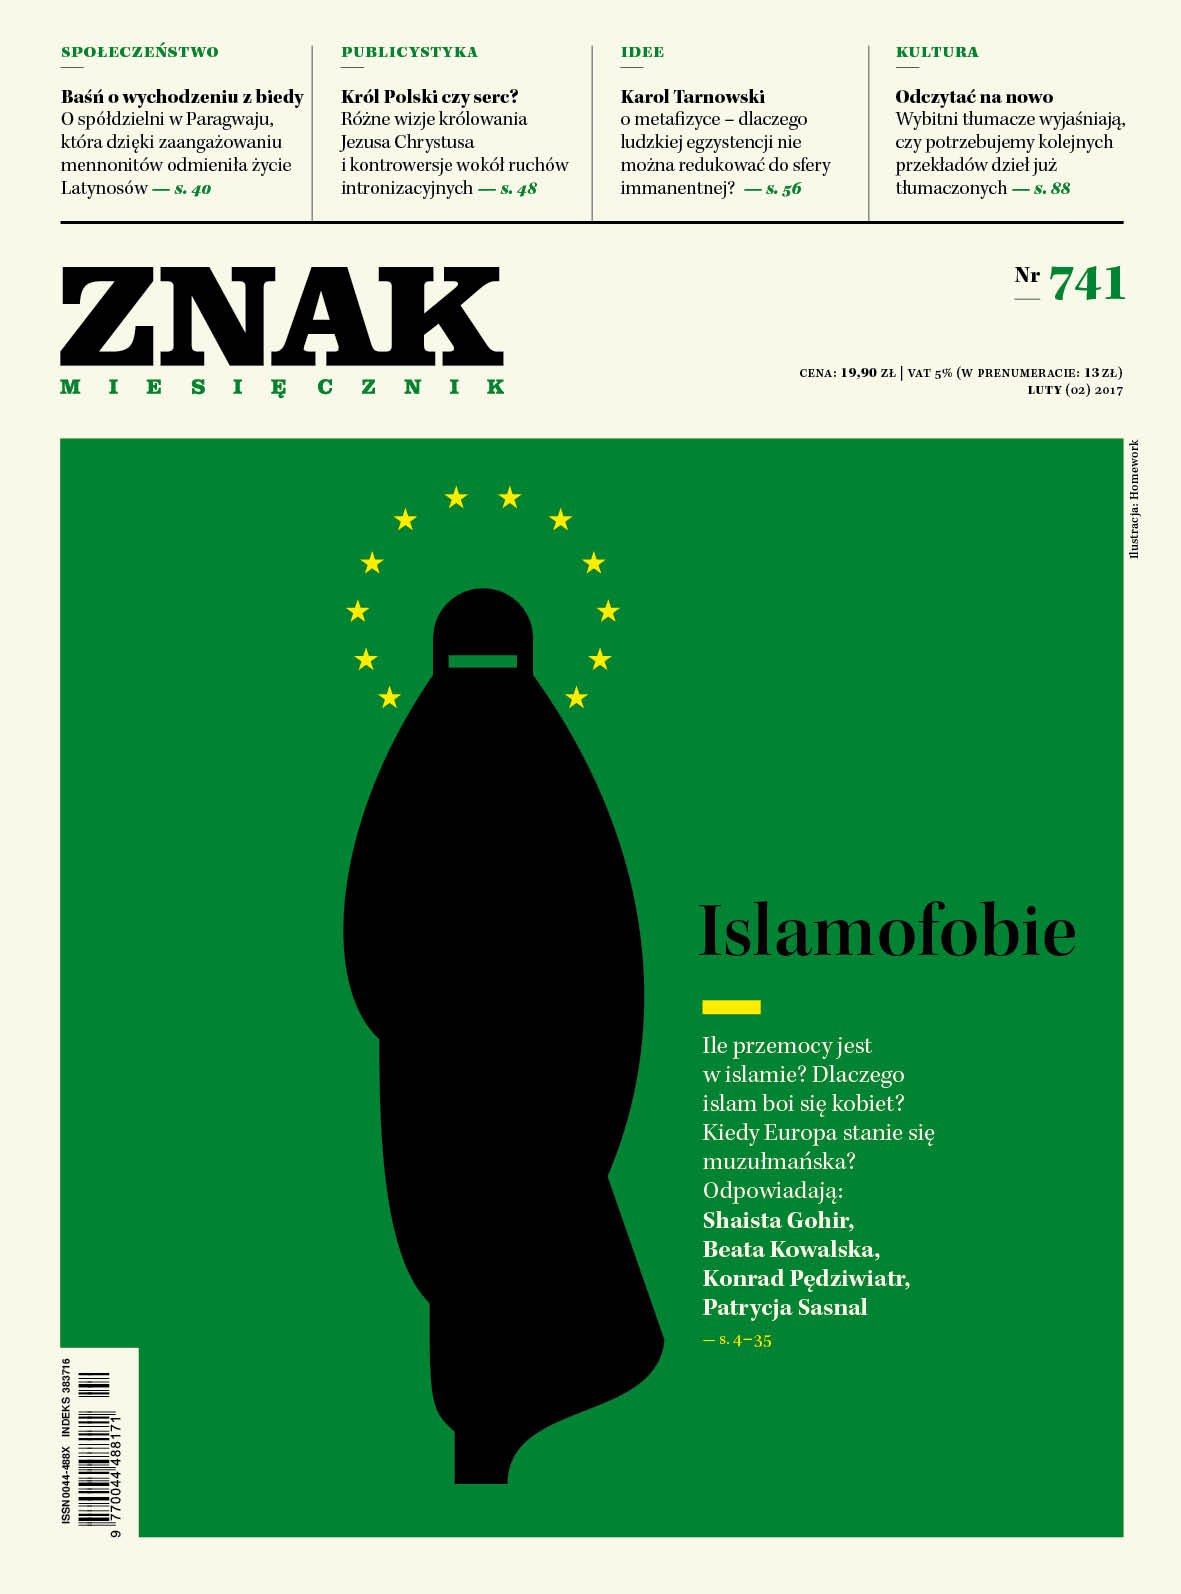 Miesięcznik Znak nr 741: Islamofobie - Ebook (Książka EPUB) do pobrania w formacie EPUB